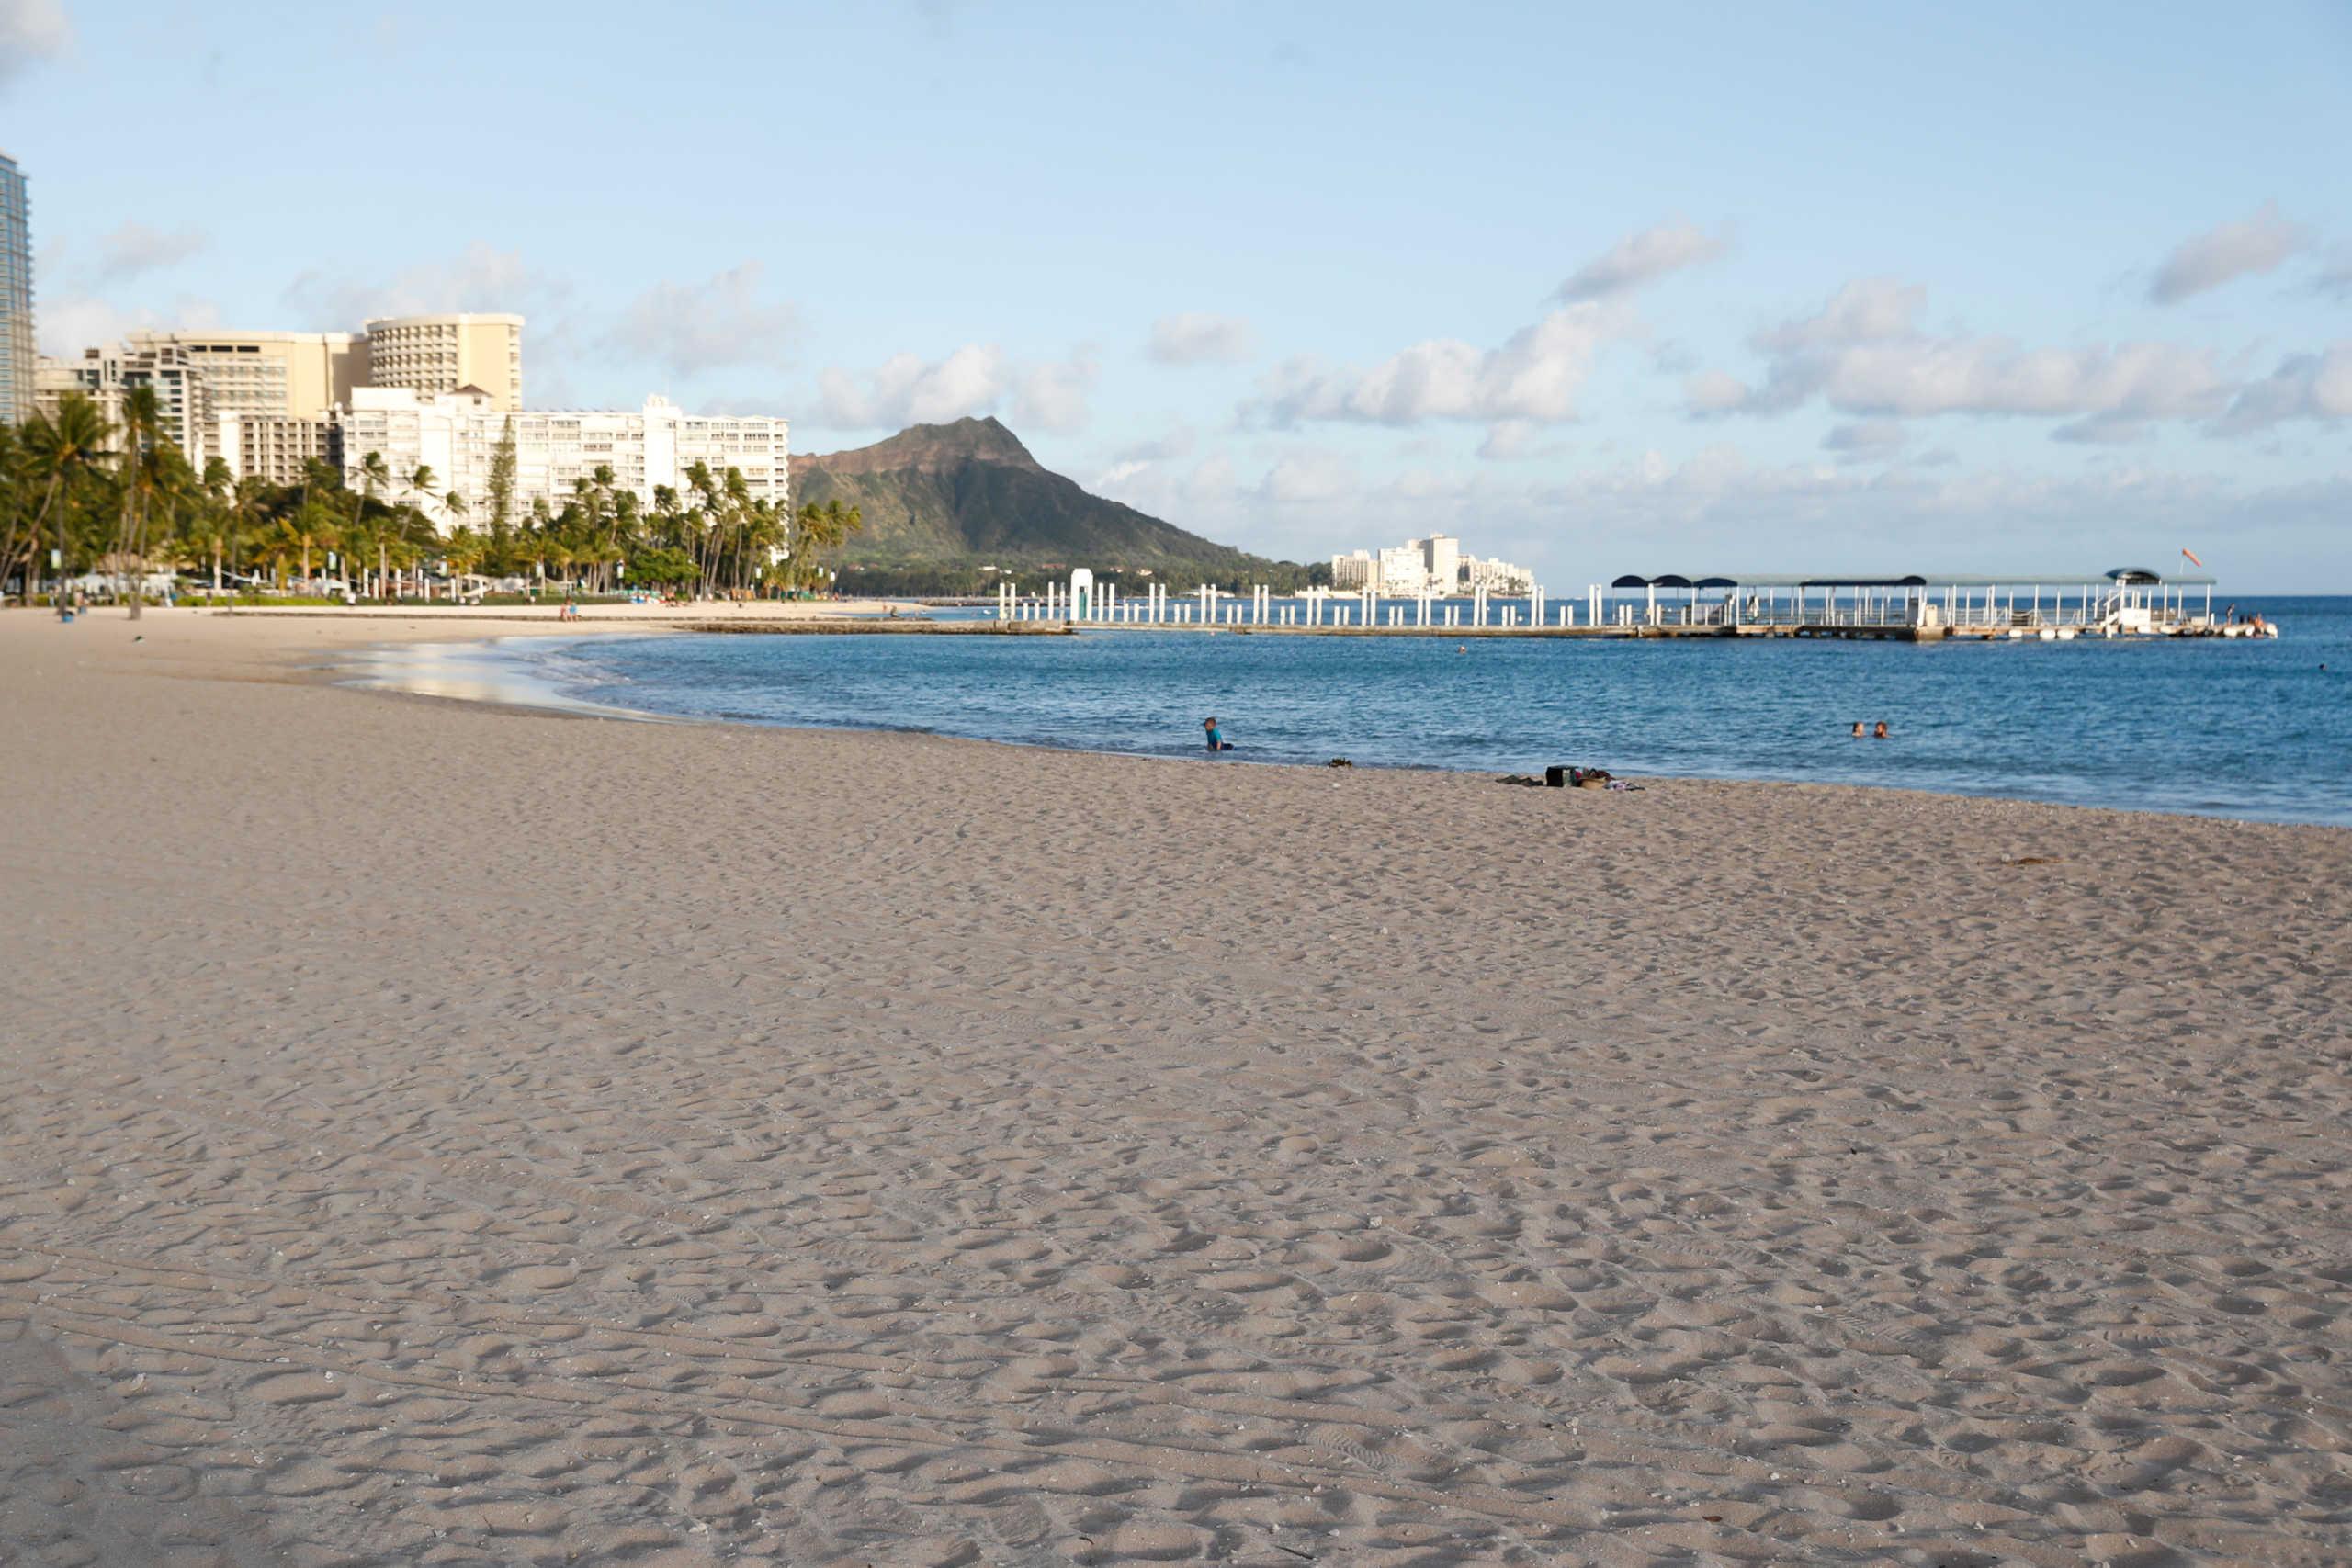 Διακοπές στη Χαβάη με μαθήματα αστρονομίας από τη NASA